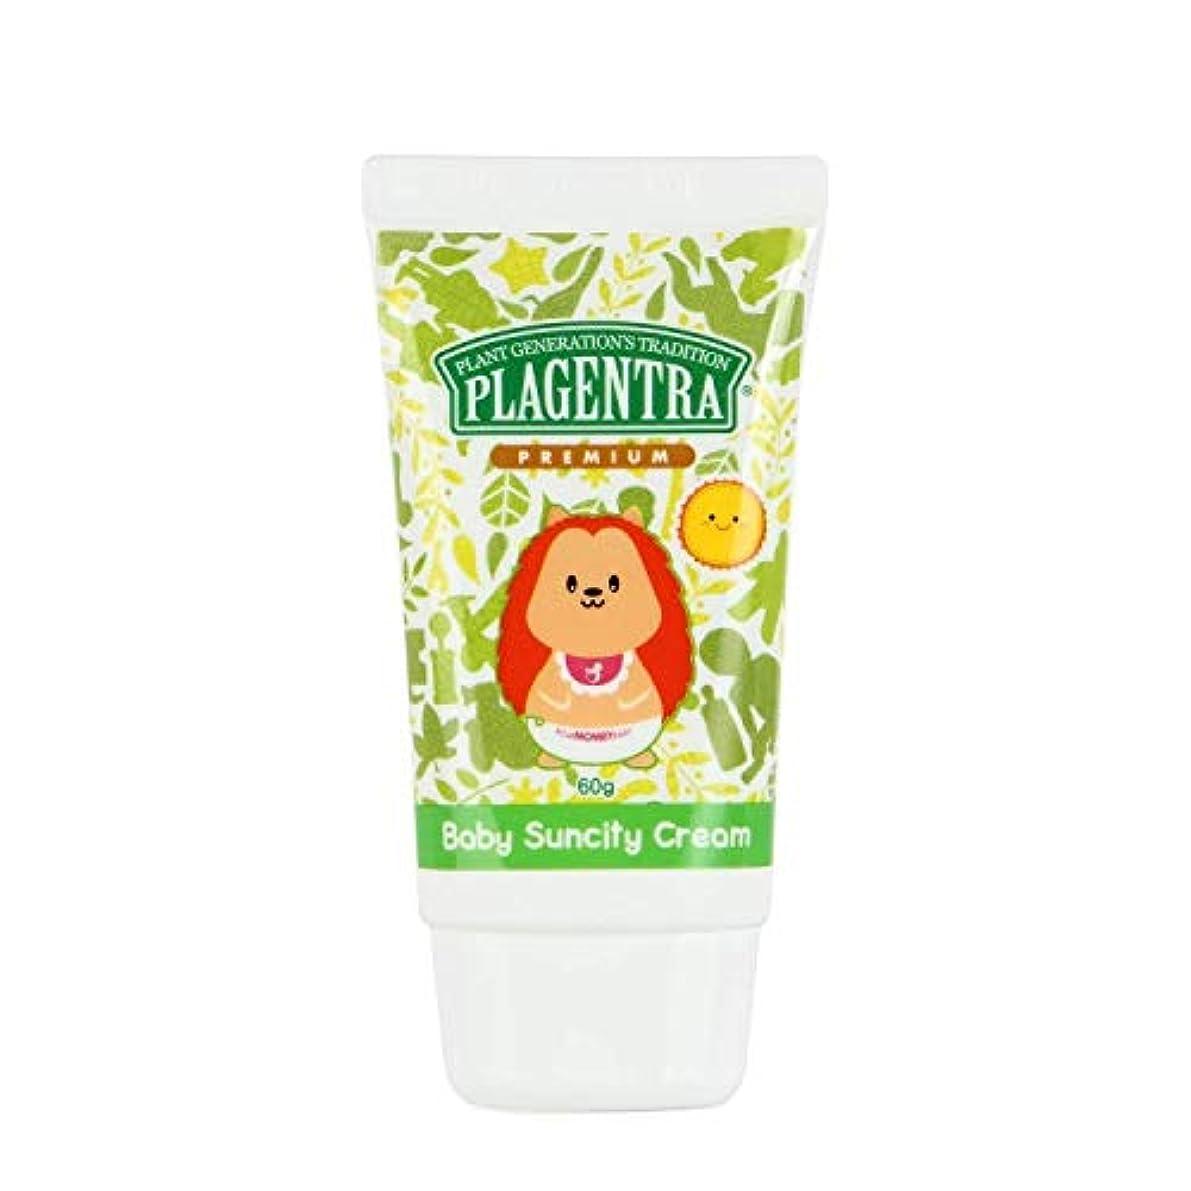 約束するタッチ縁石[ PLAGENTRA ] Baby Suncity Cream (60g) Natural Sunscreen 韓国 日焼け止め